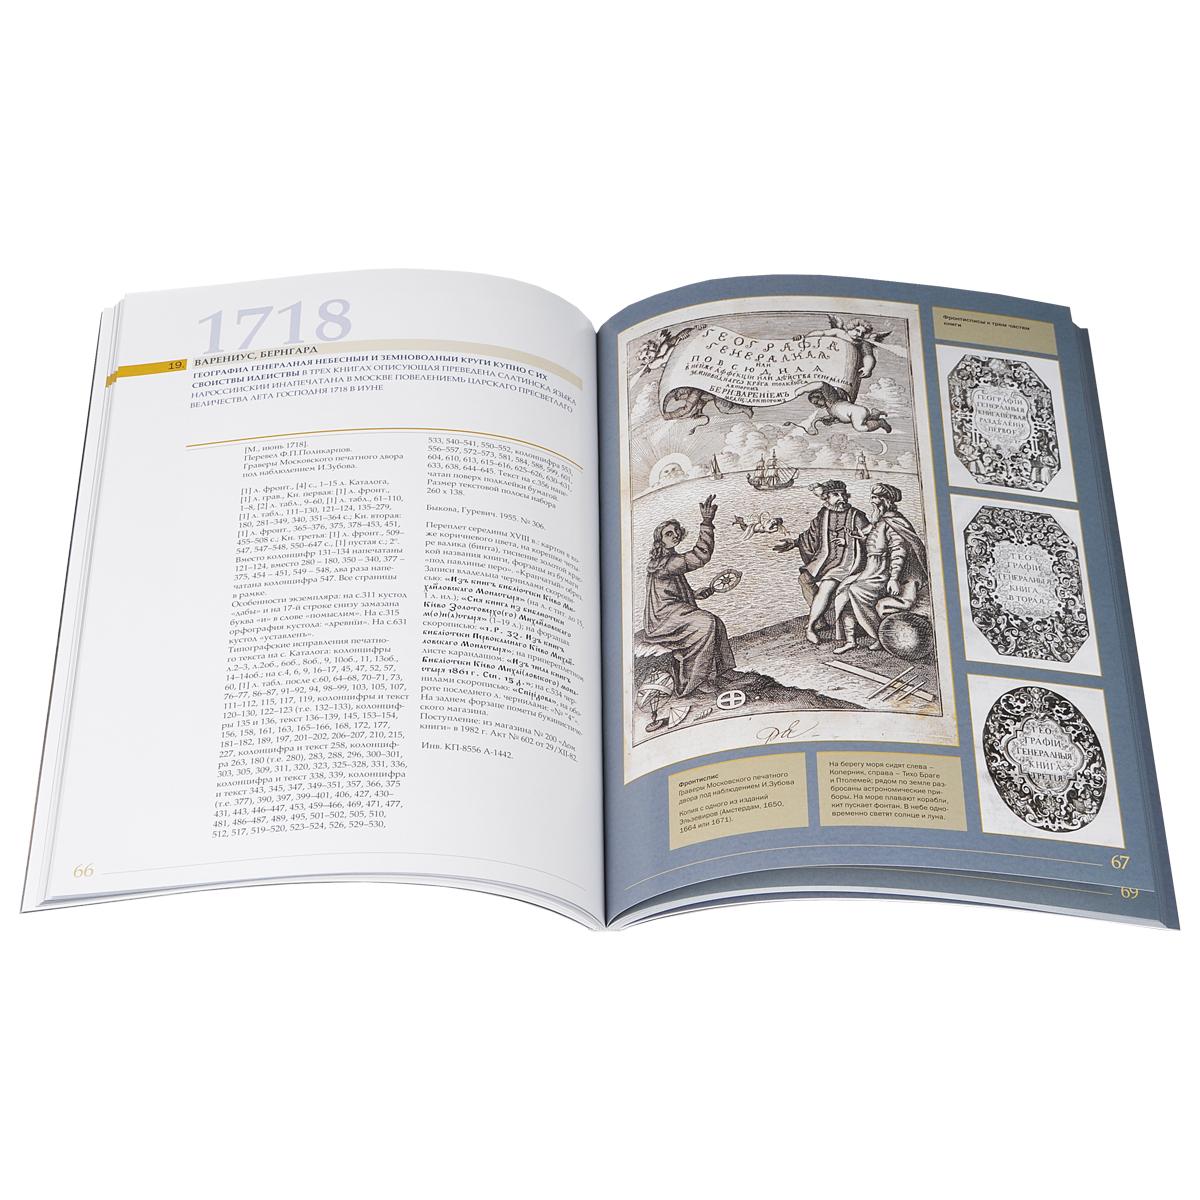 Книги гражданской печати 1708-1724 годов из собрания Московского государственного объединенного музея-заповедника Коломенское-Измайлово-Лефортово-Люблино